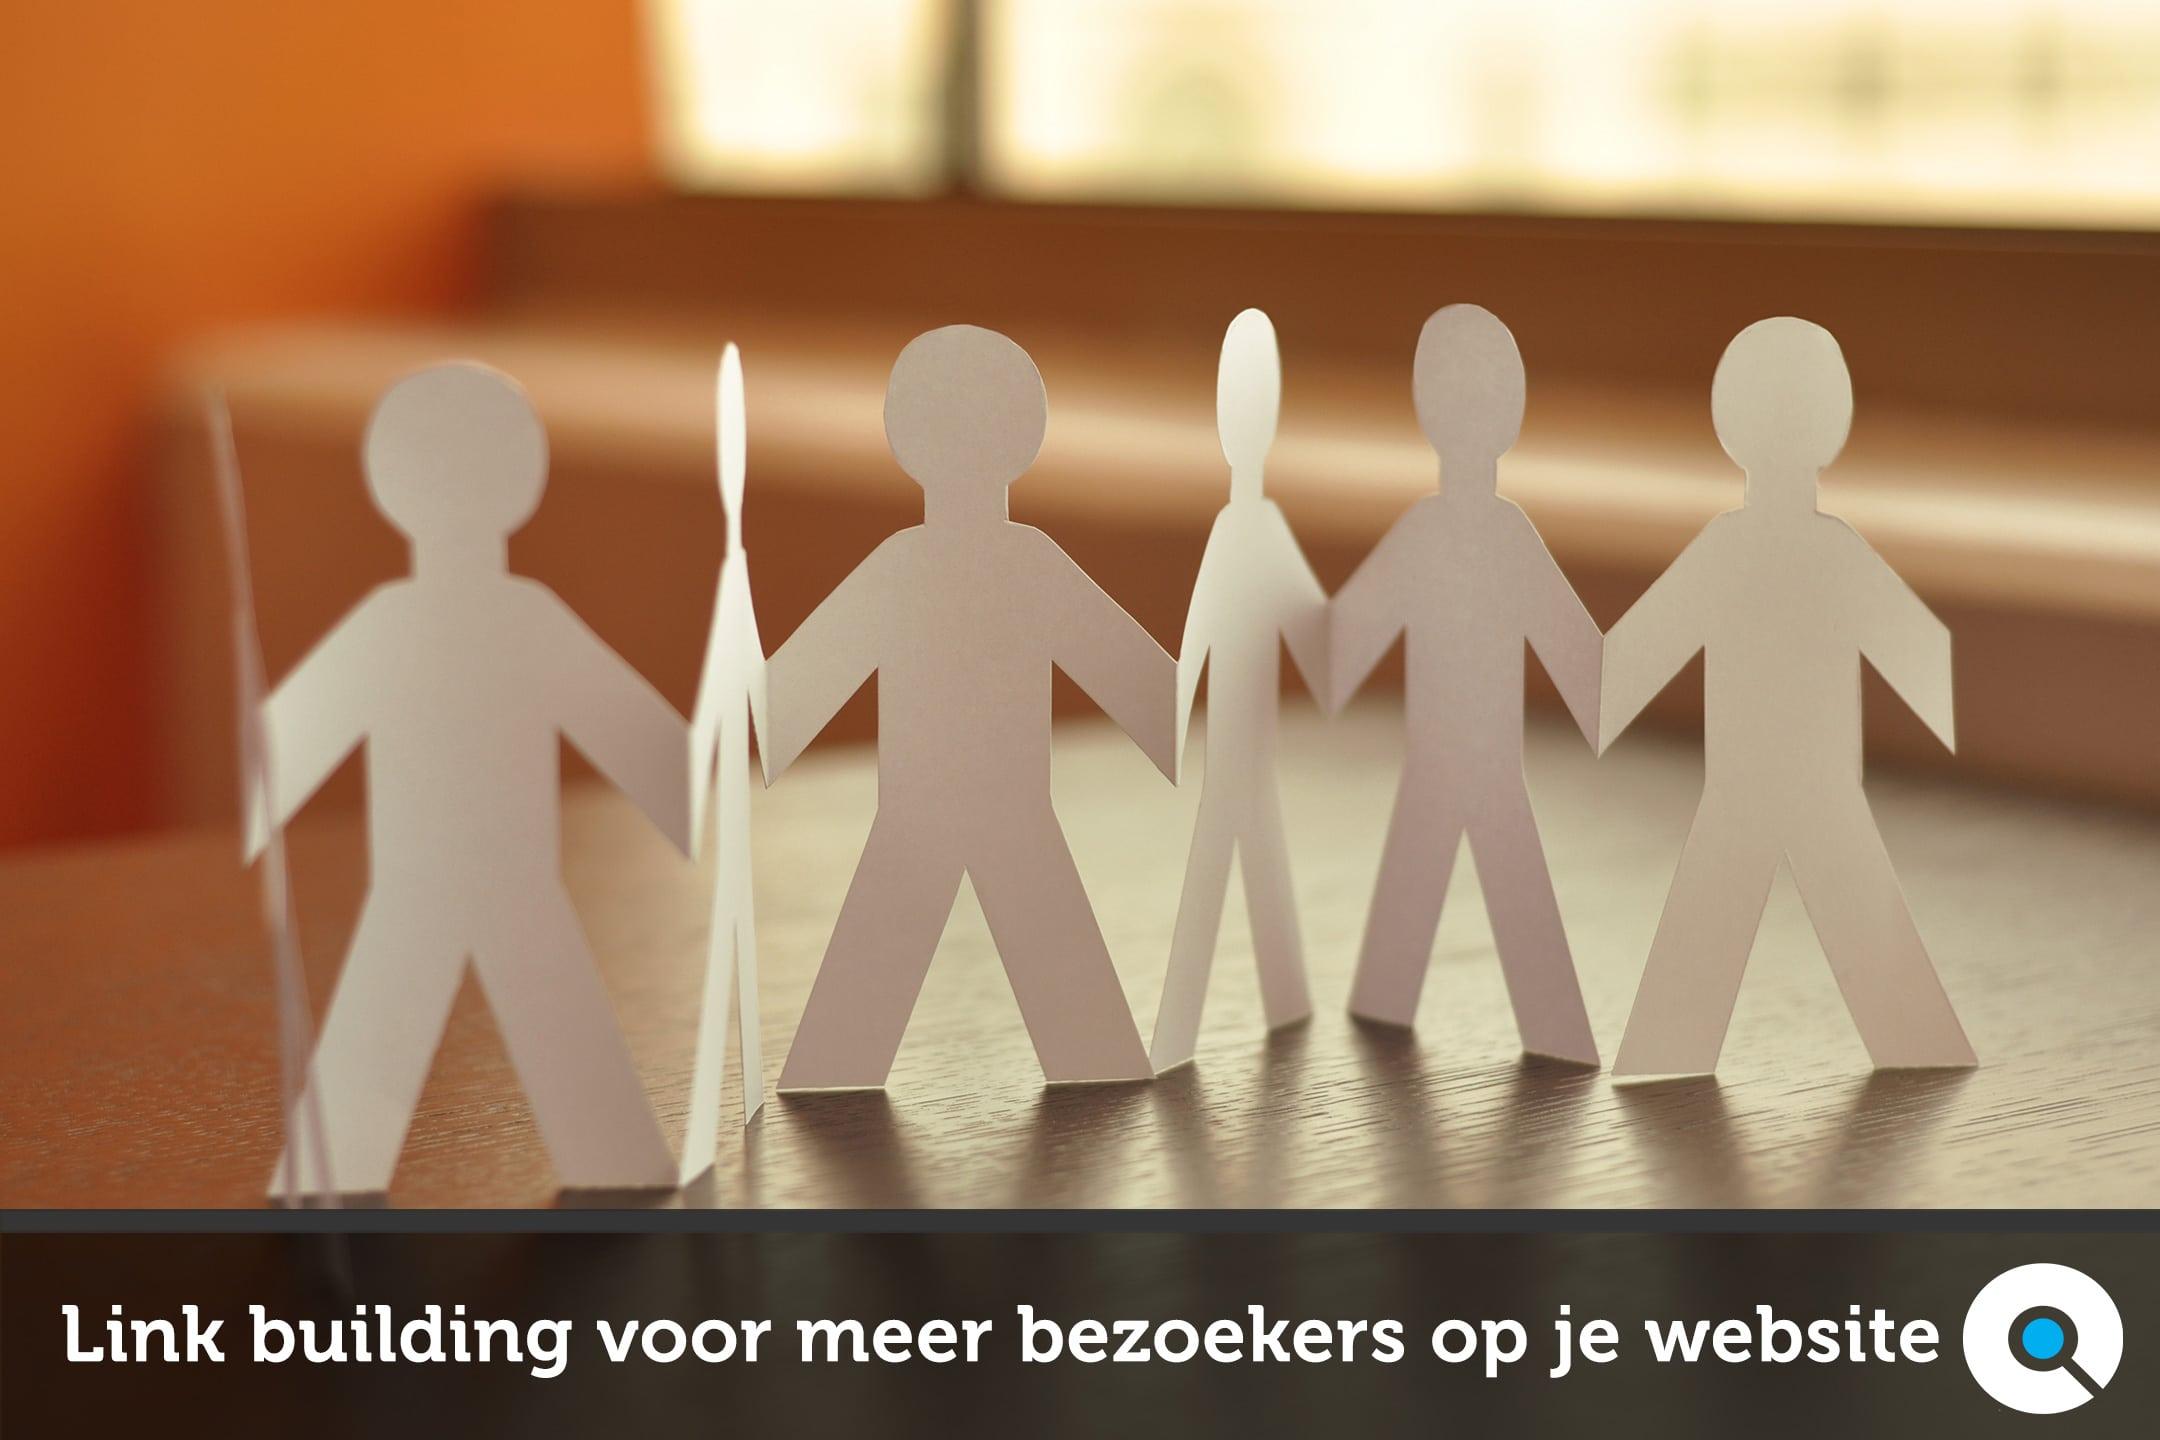 Link building voor meer bezoekers op je website